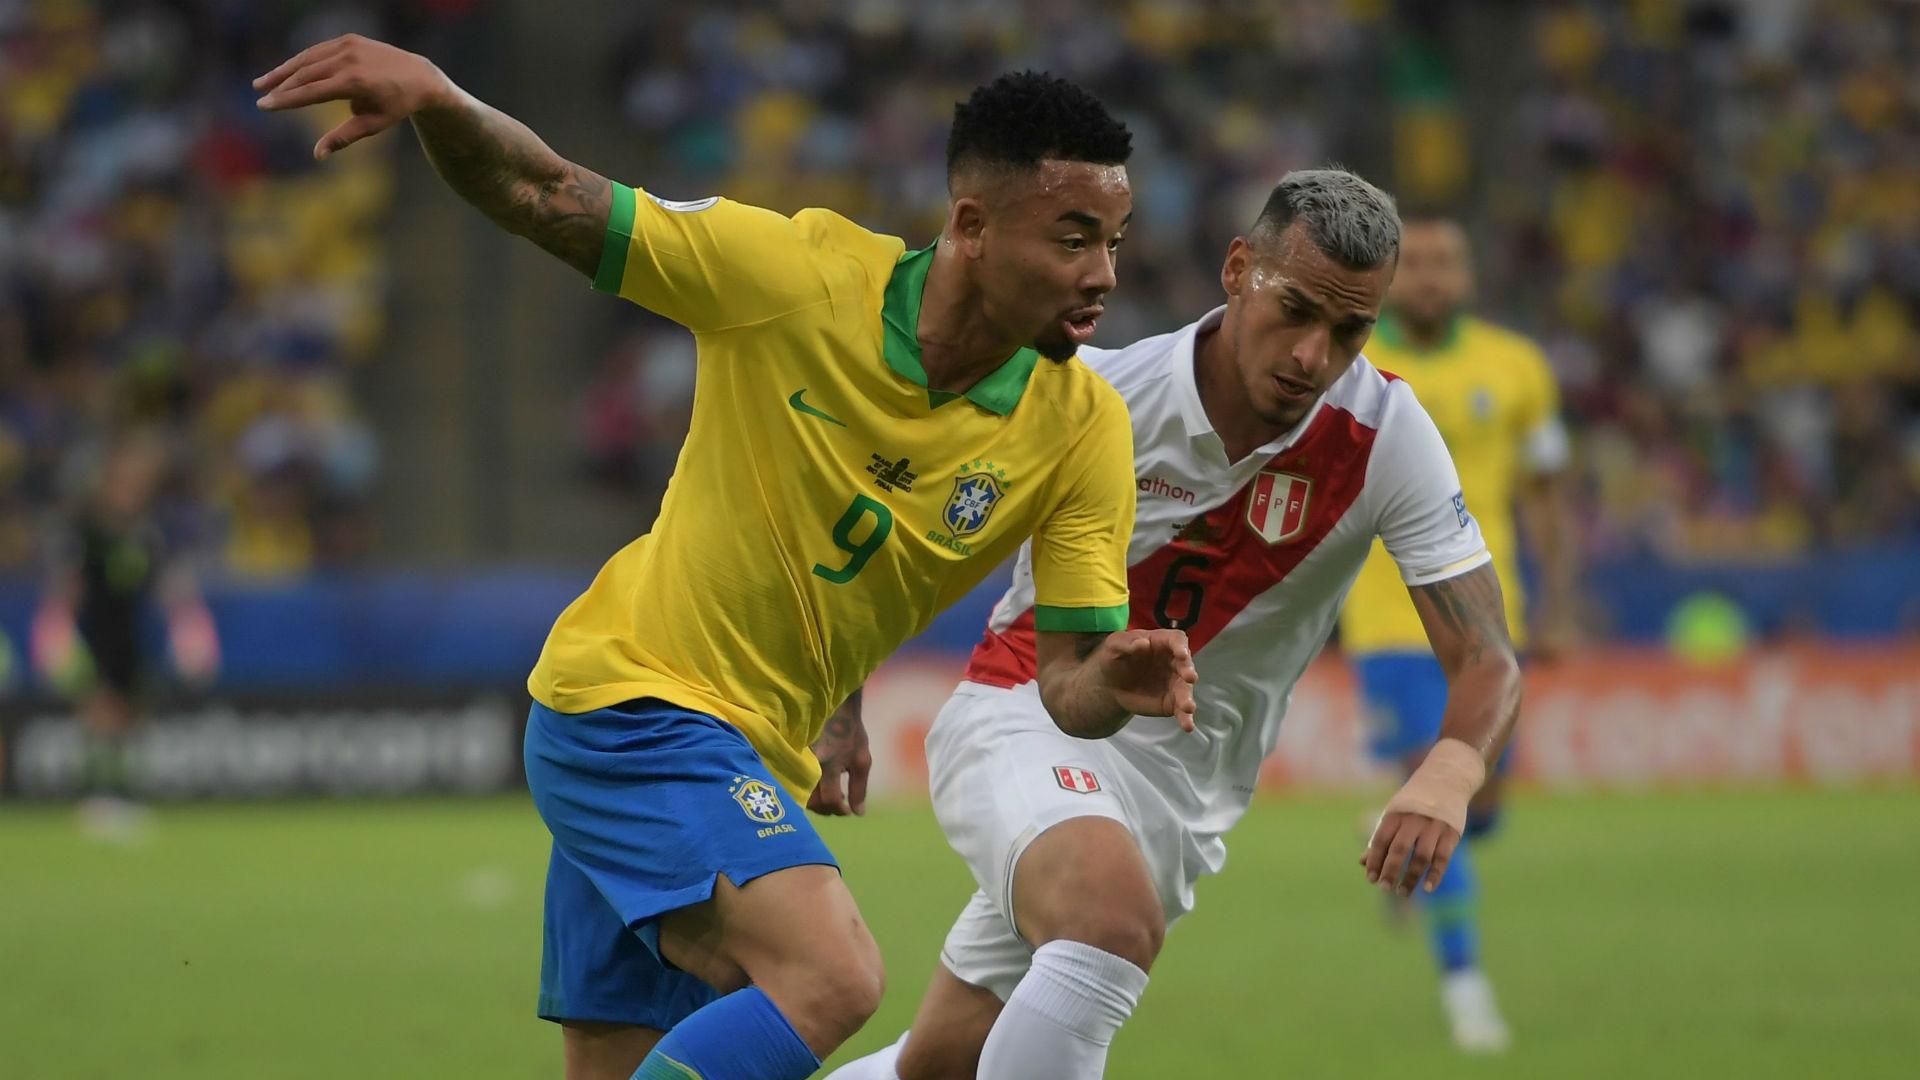 Gabriel Jesus Miguel Trauco Brazil Peru Copa America 2019